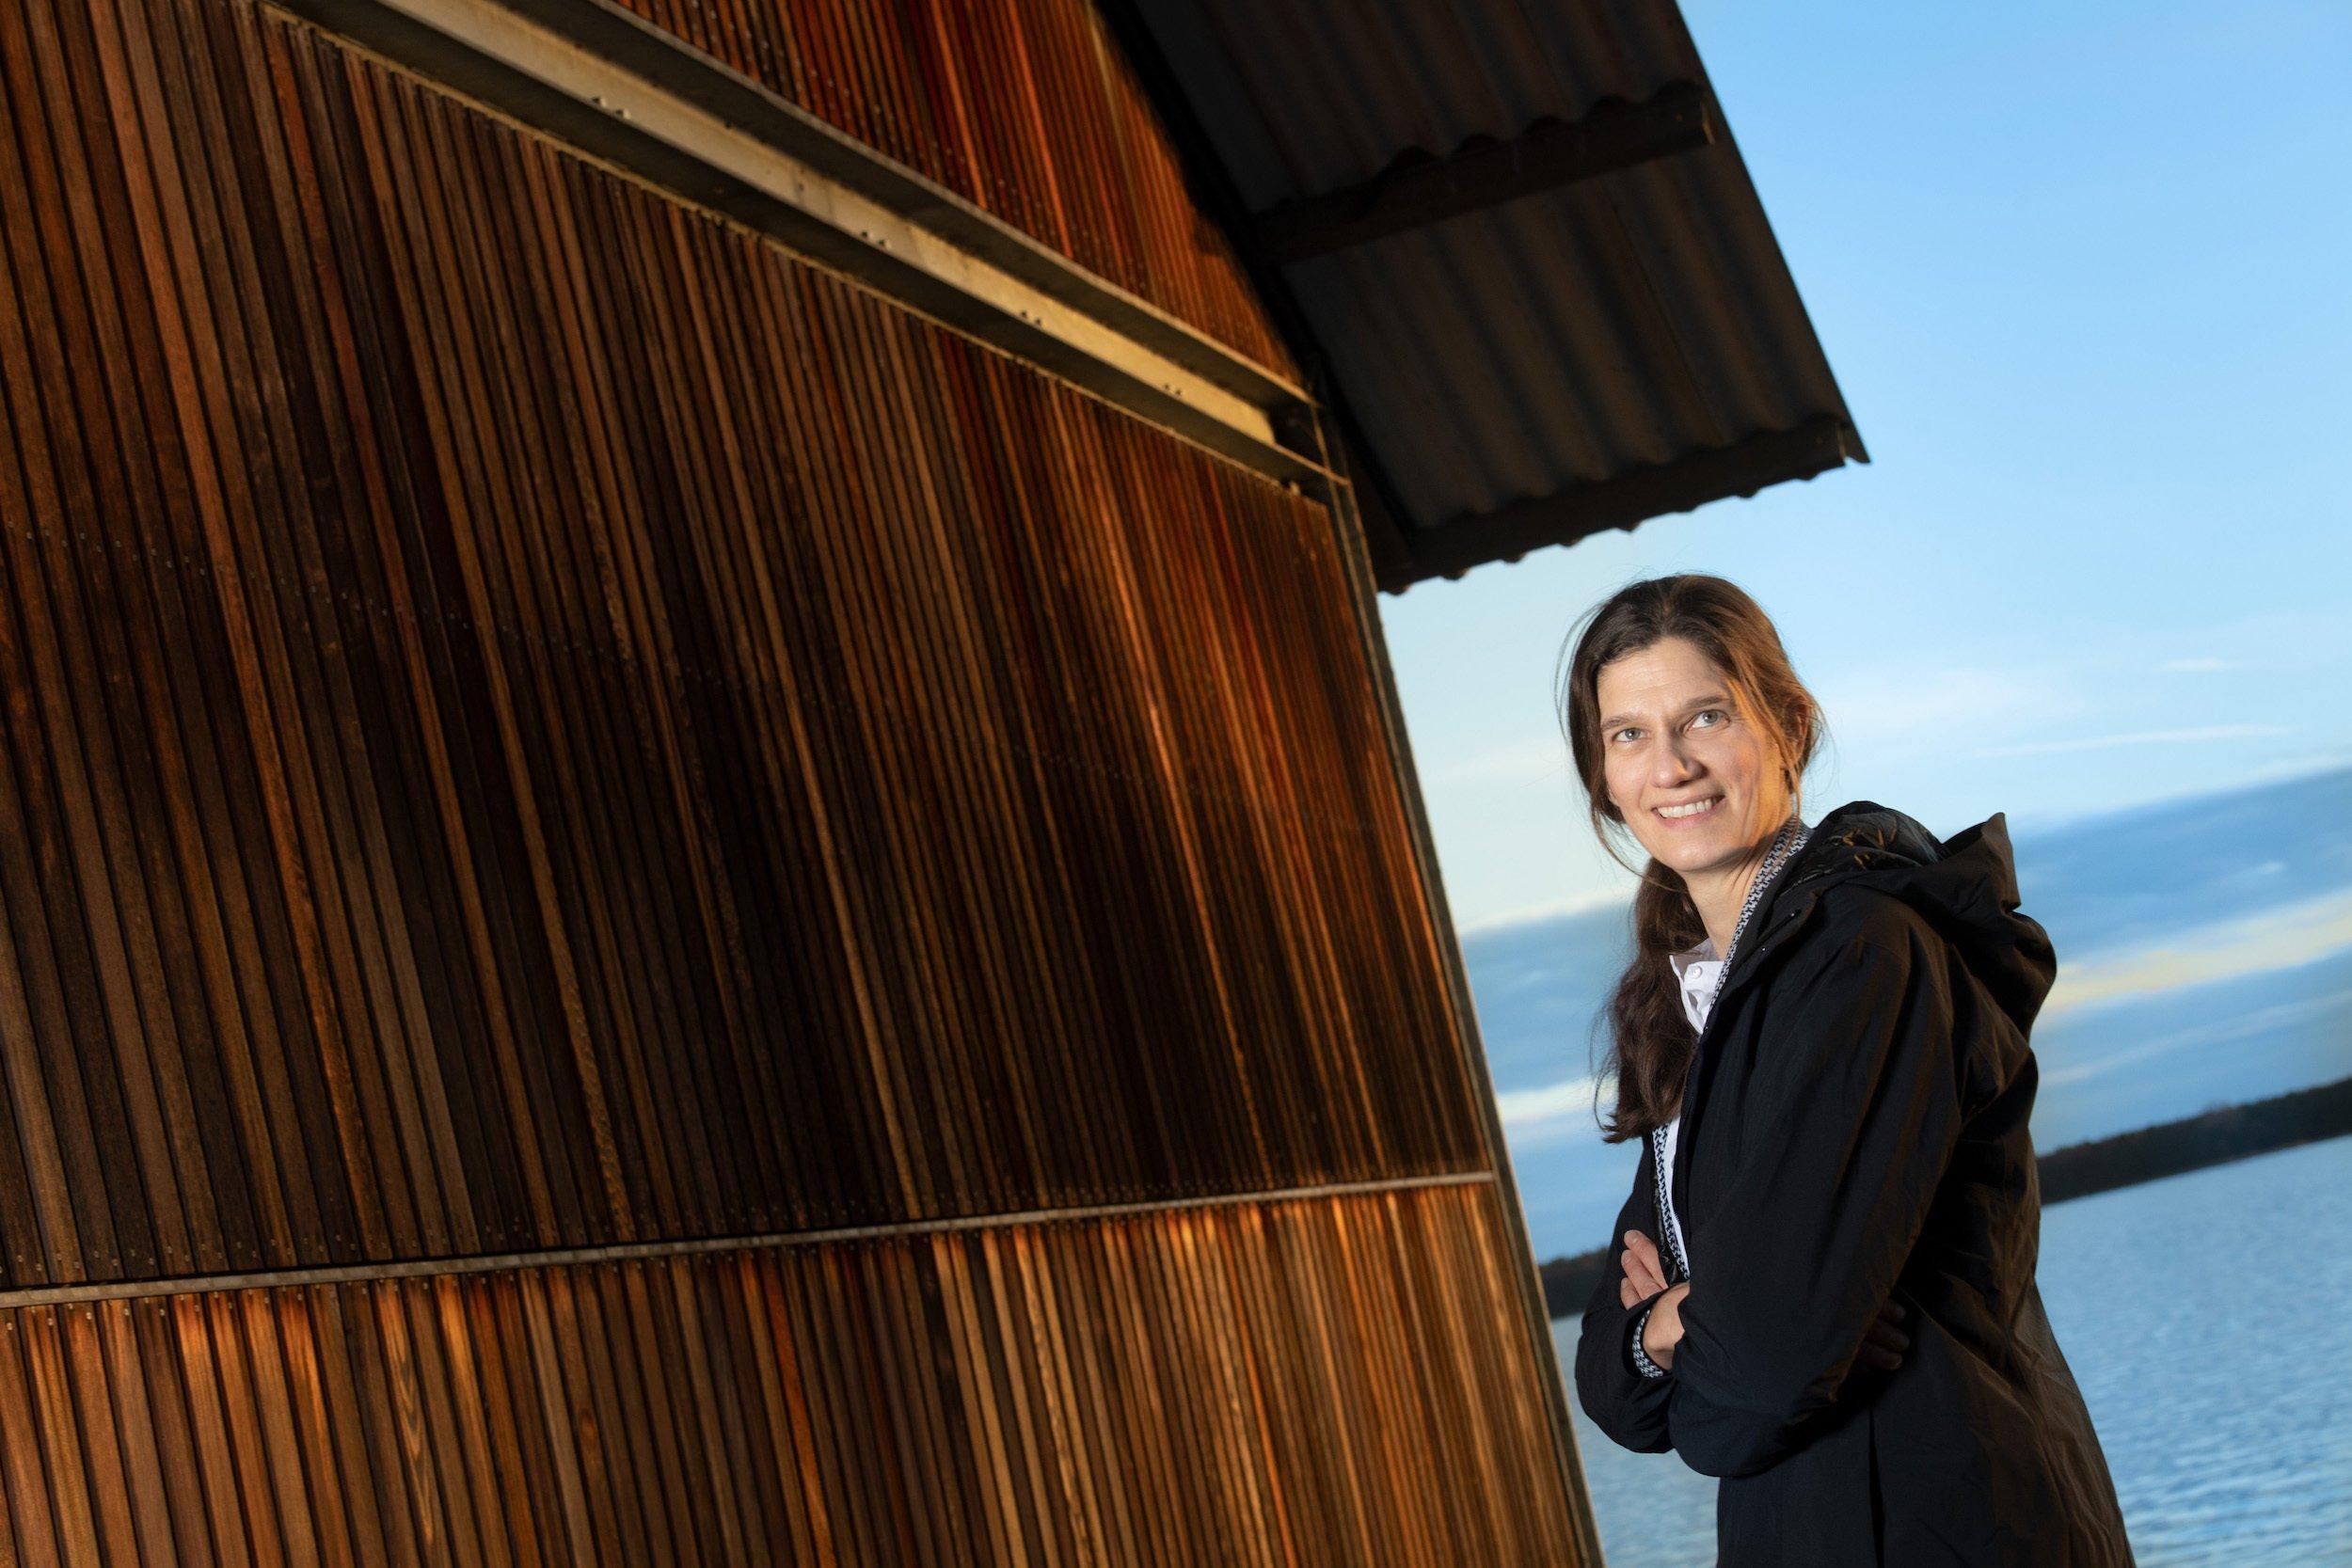 Sonja Jähnig vor einer Hütte an einem See.